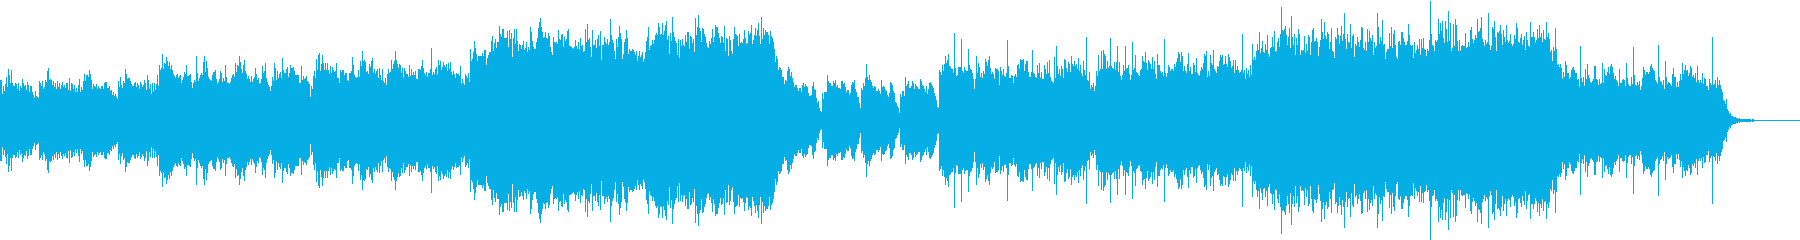 ハープと二胡、ストリングス/切ないの再生済みの波形